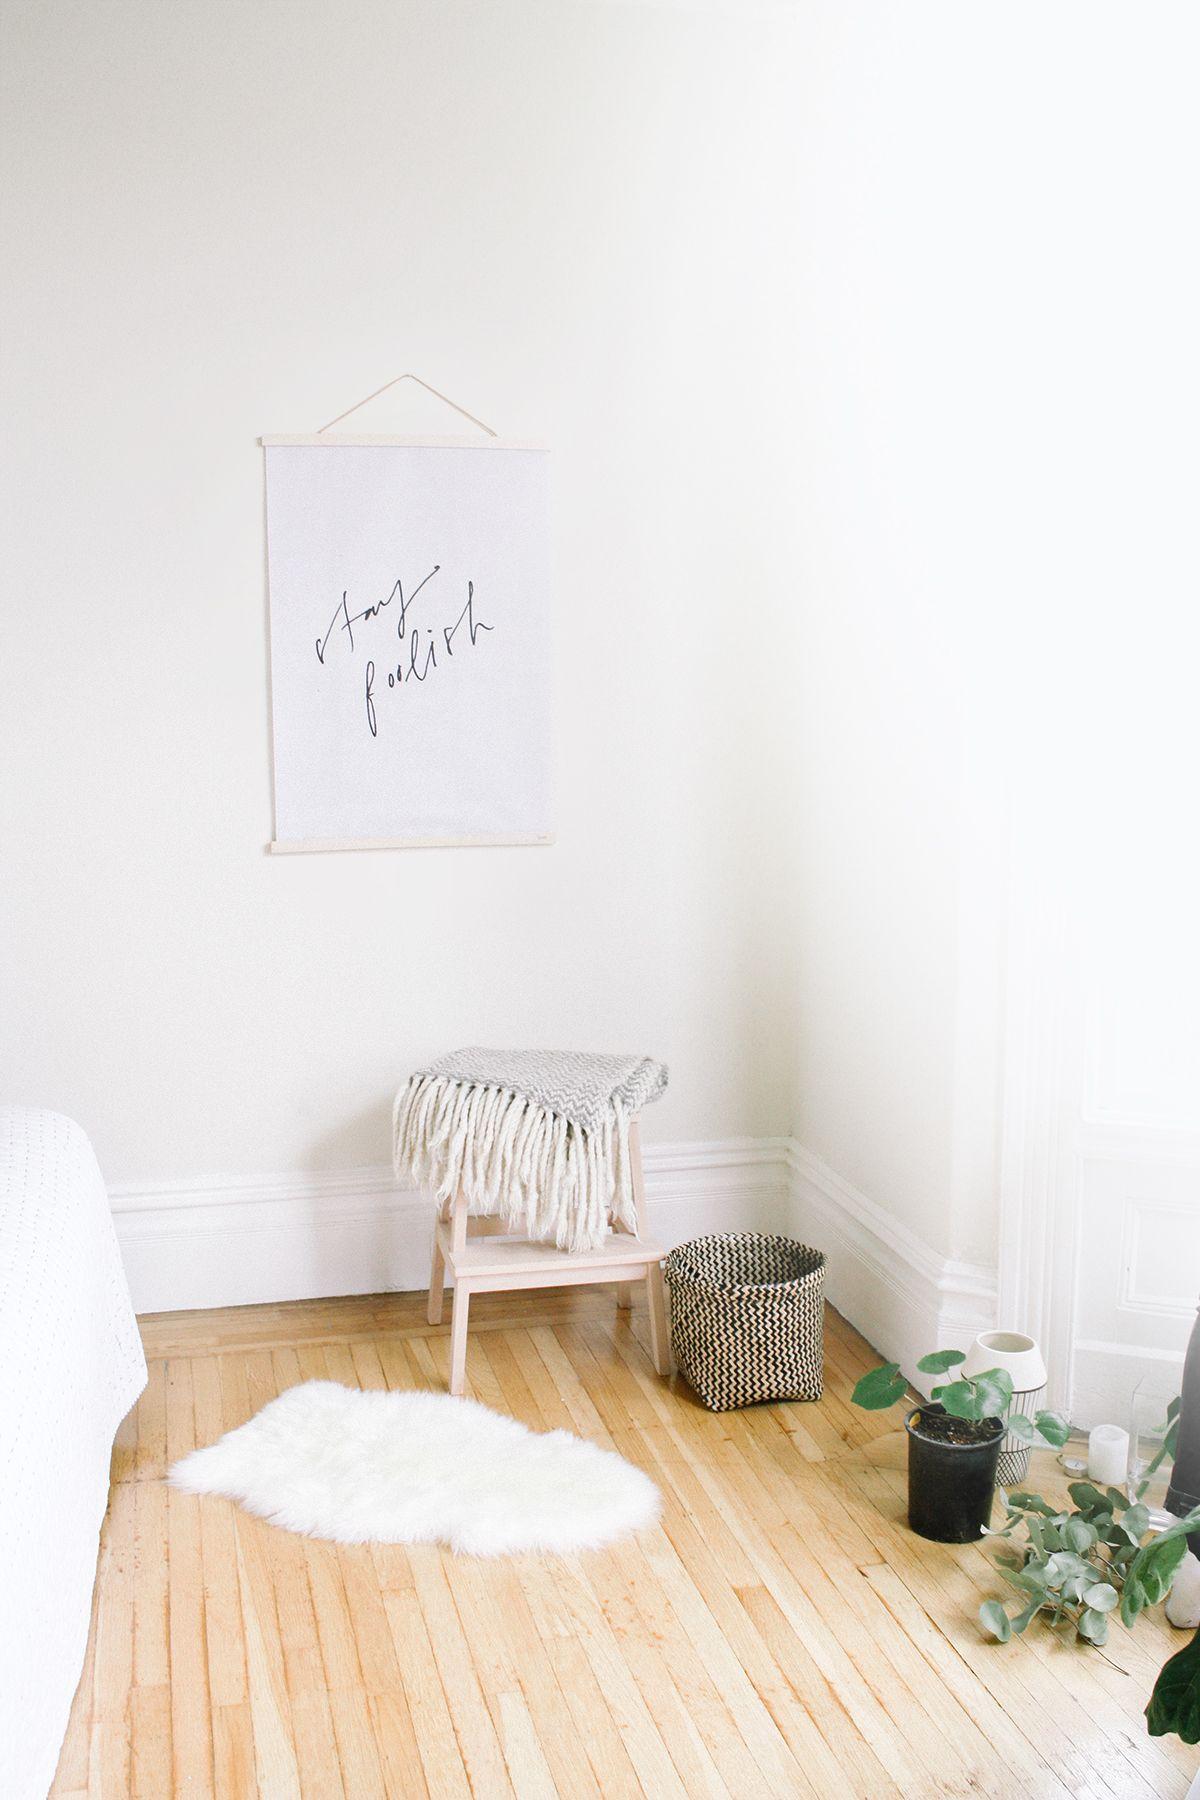 Wohnzimmer des modernen interieurs des hauses pin von haley mcknight auf cute  pinterest  wohnzimmer inspiration